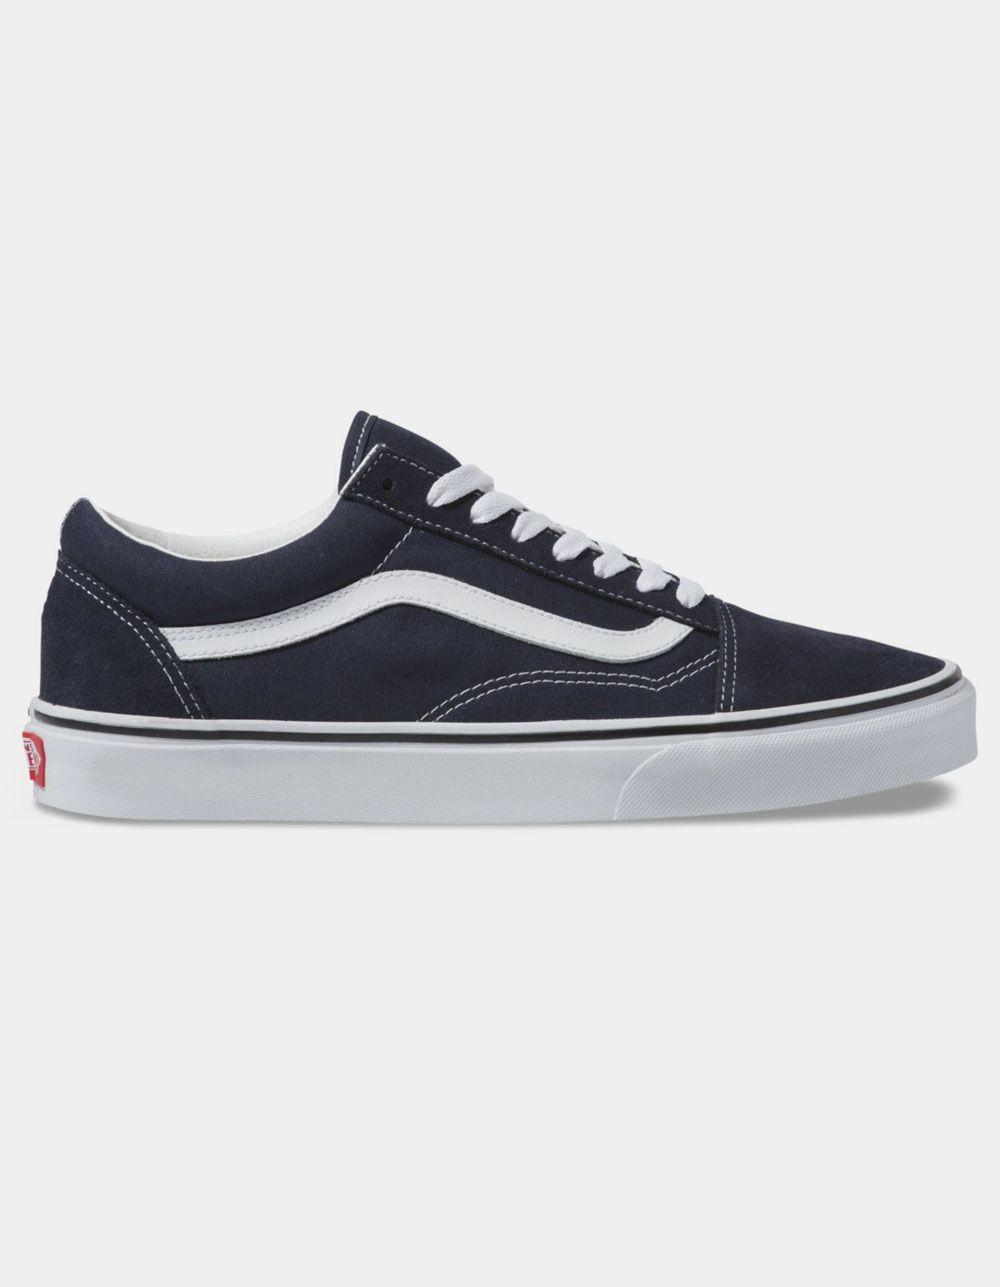 Vans Old Skool Night Sky True White Shoes In 2020 Vans Old Skool White Shoes Vans Old Skool Navy